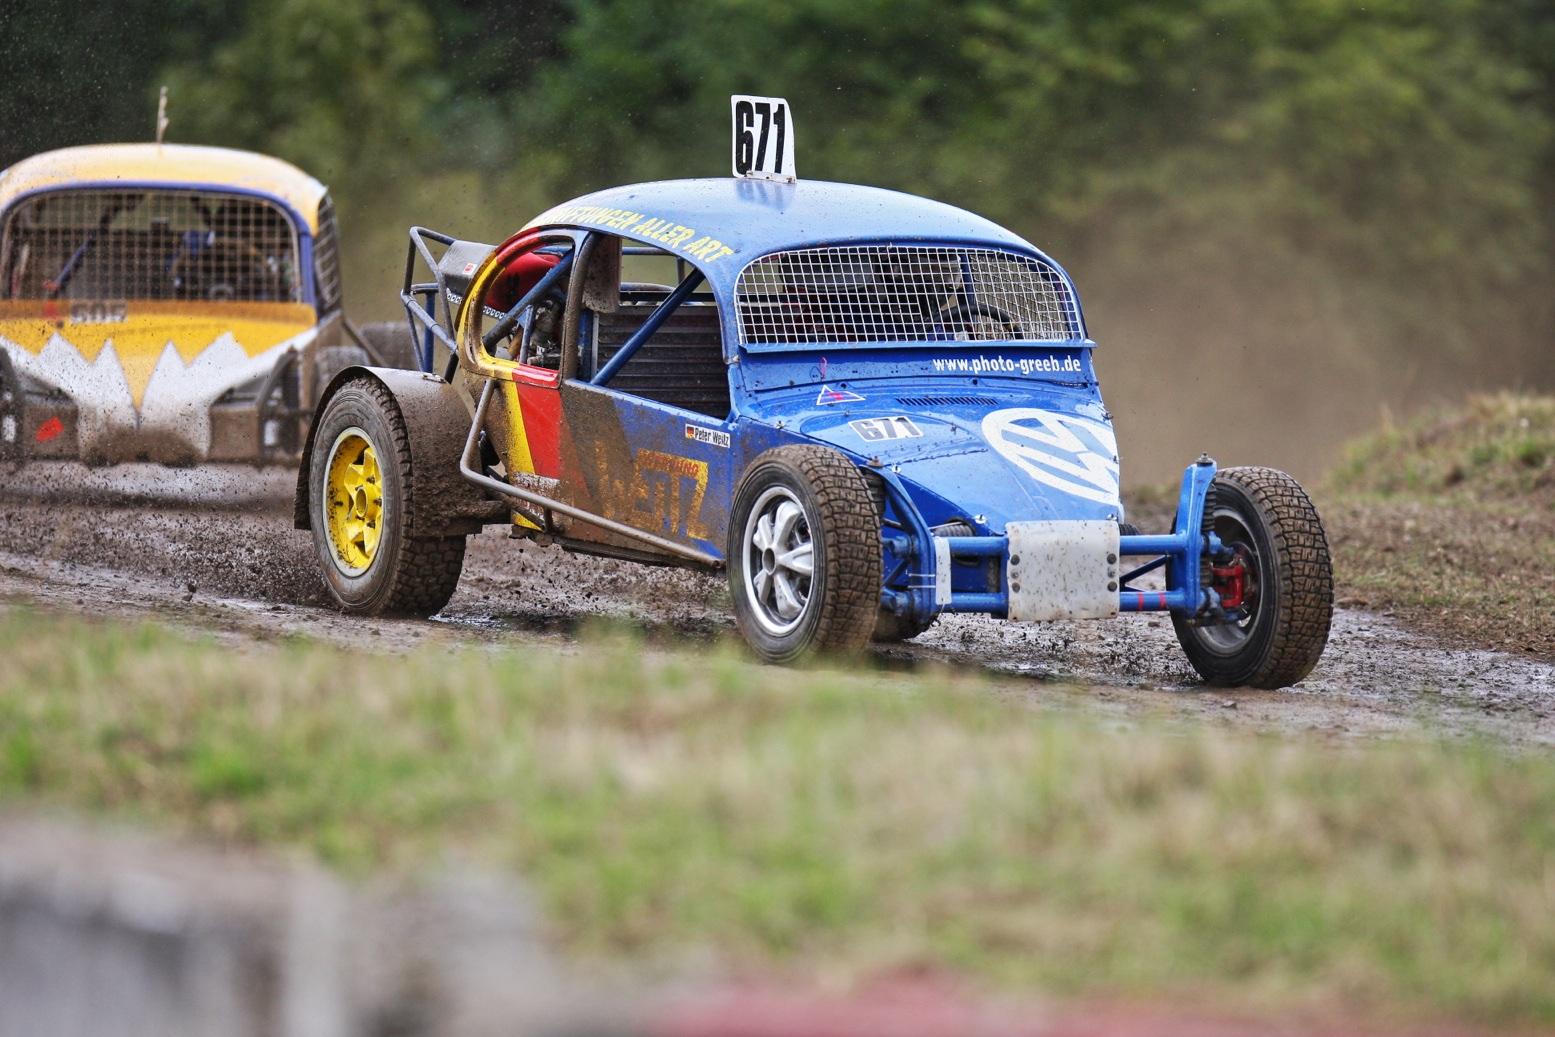 der VW Käfer....er läuft und läuft und läuft...